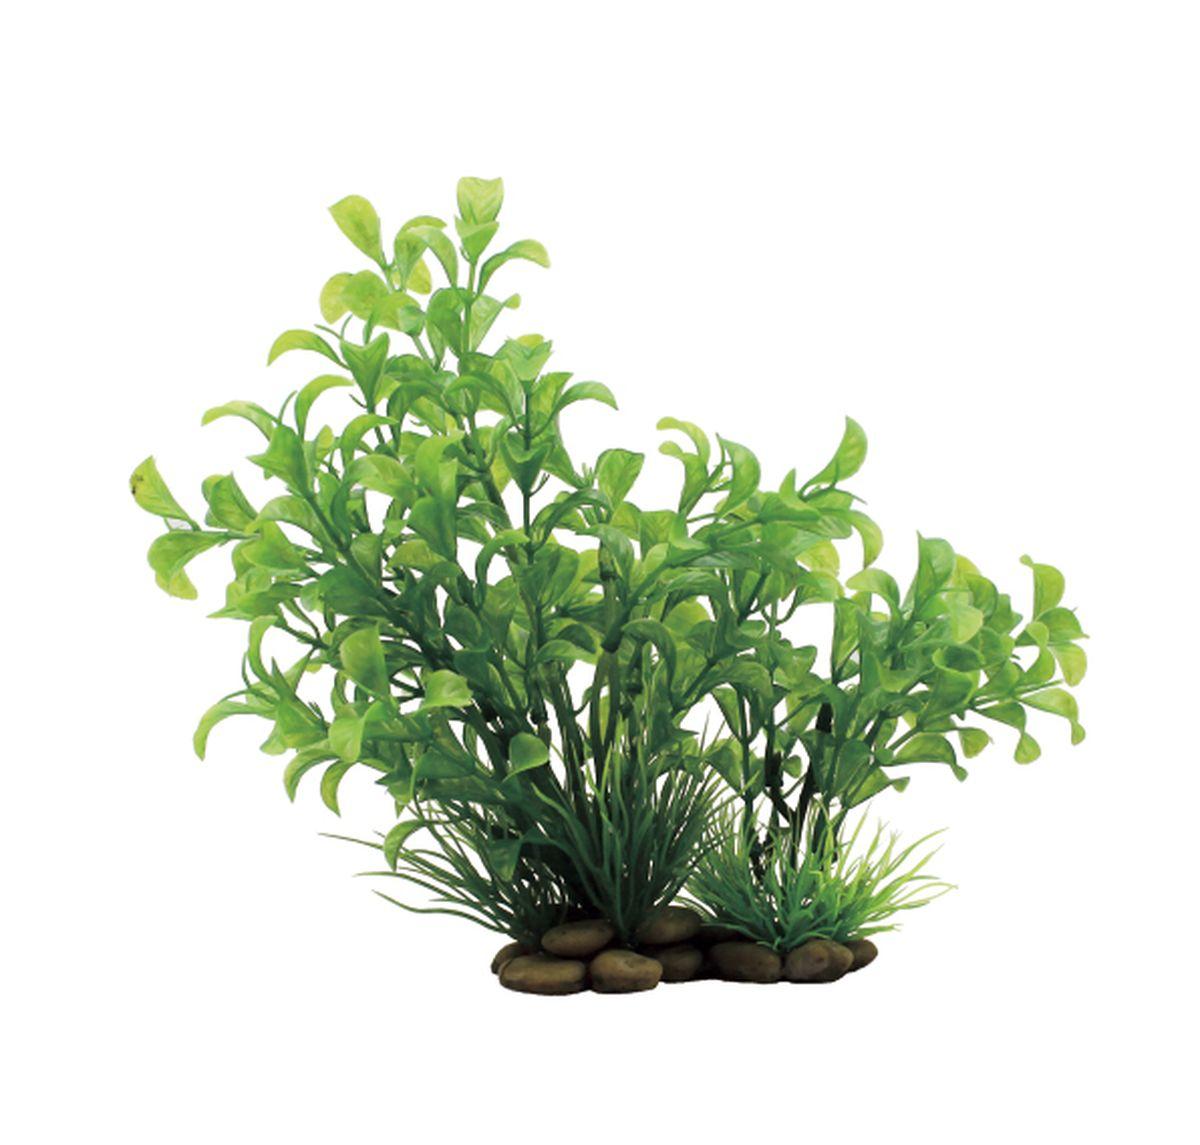 Растение для аквариума ArtUniq Людвигия зеленая, высота 20 см0120710Композиция из искусственных растений ArtUniq превосходно украсит и оживит аквариум.Растения - это важная часть любой композиции, они помогут вдохнуть жизнь в ландшафт любого аквариума или террариума. А их сходствос природными порадует даже самых взыскательных ценителей.